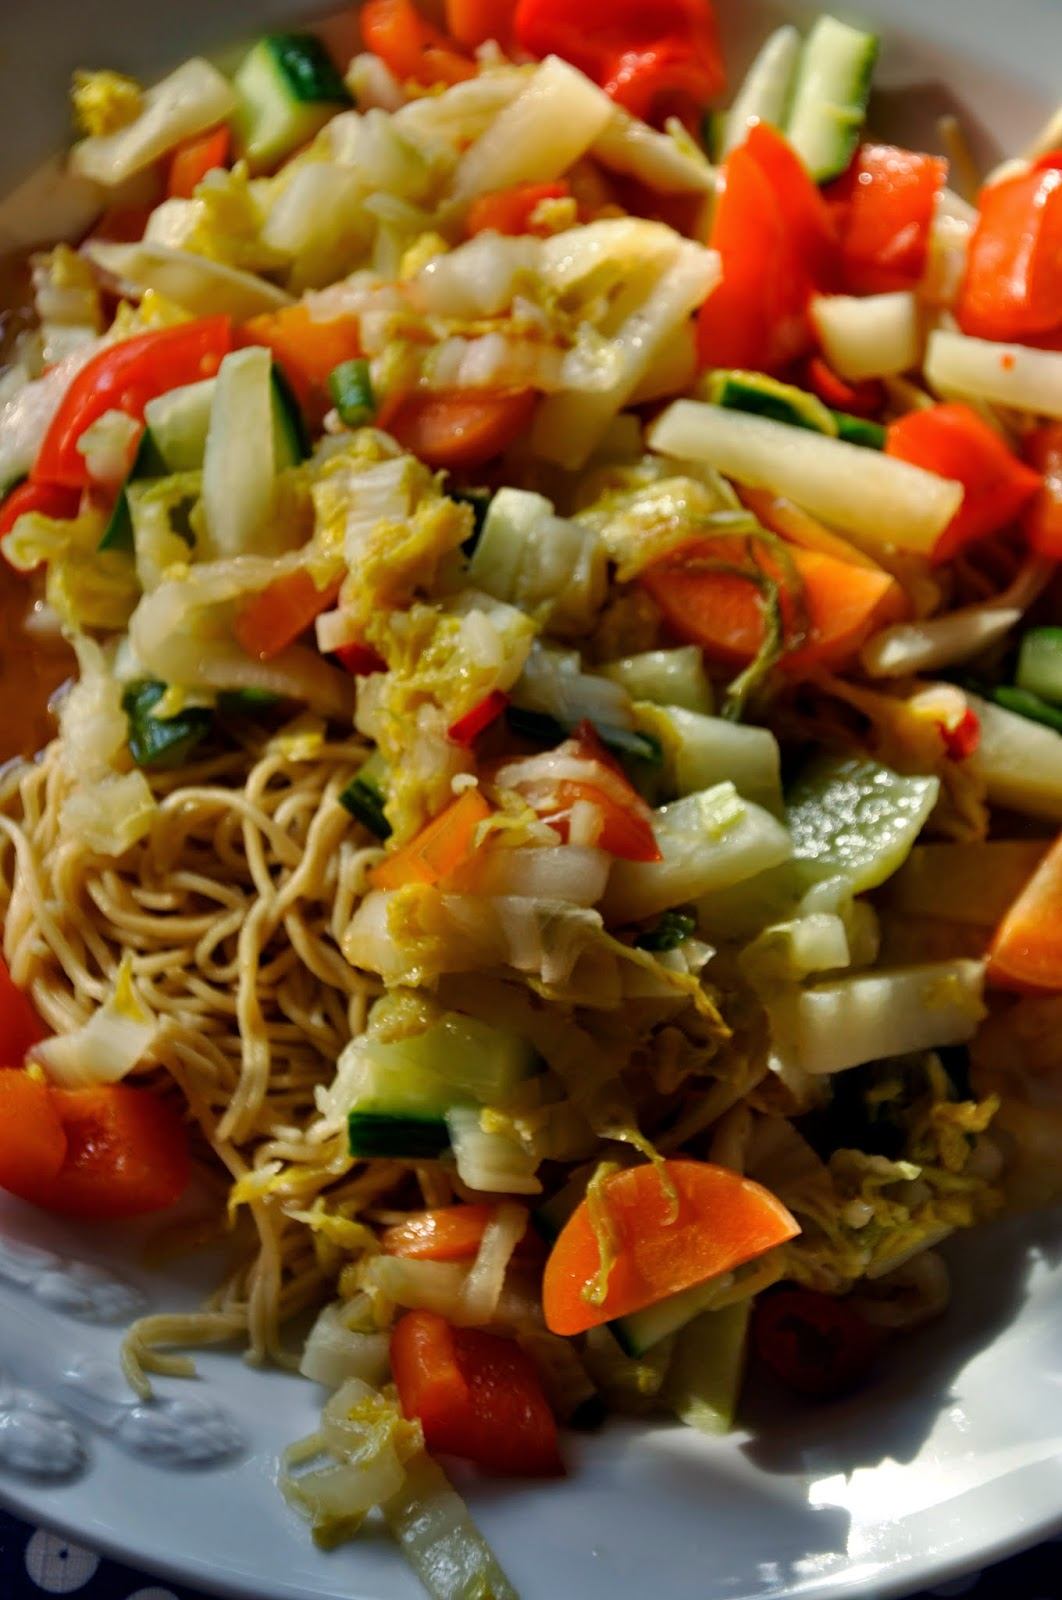 Szybko Tanio Smacznie - Makaron chow mein z warzywami